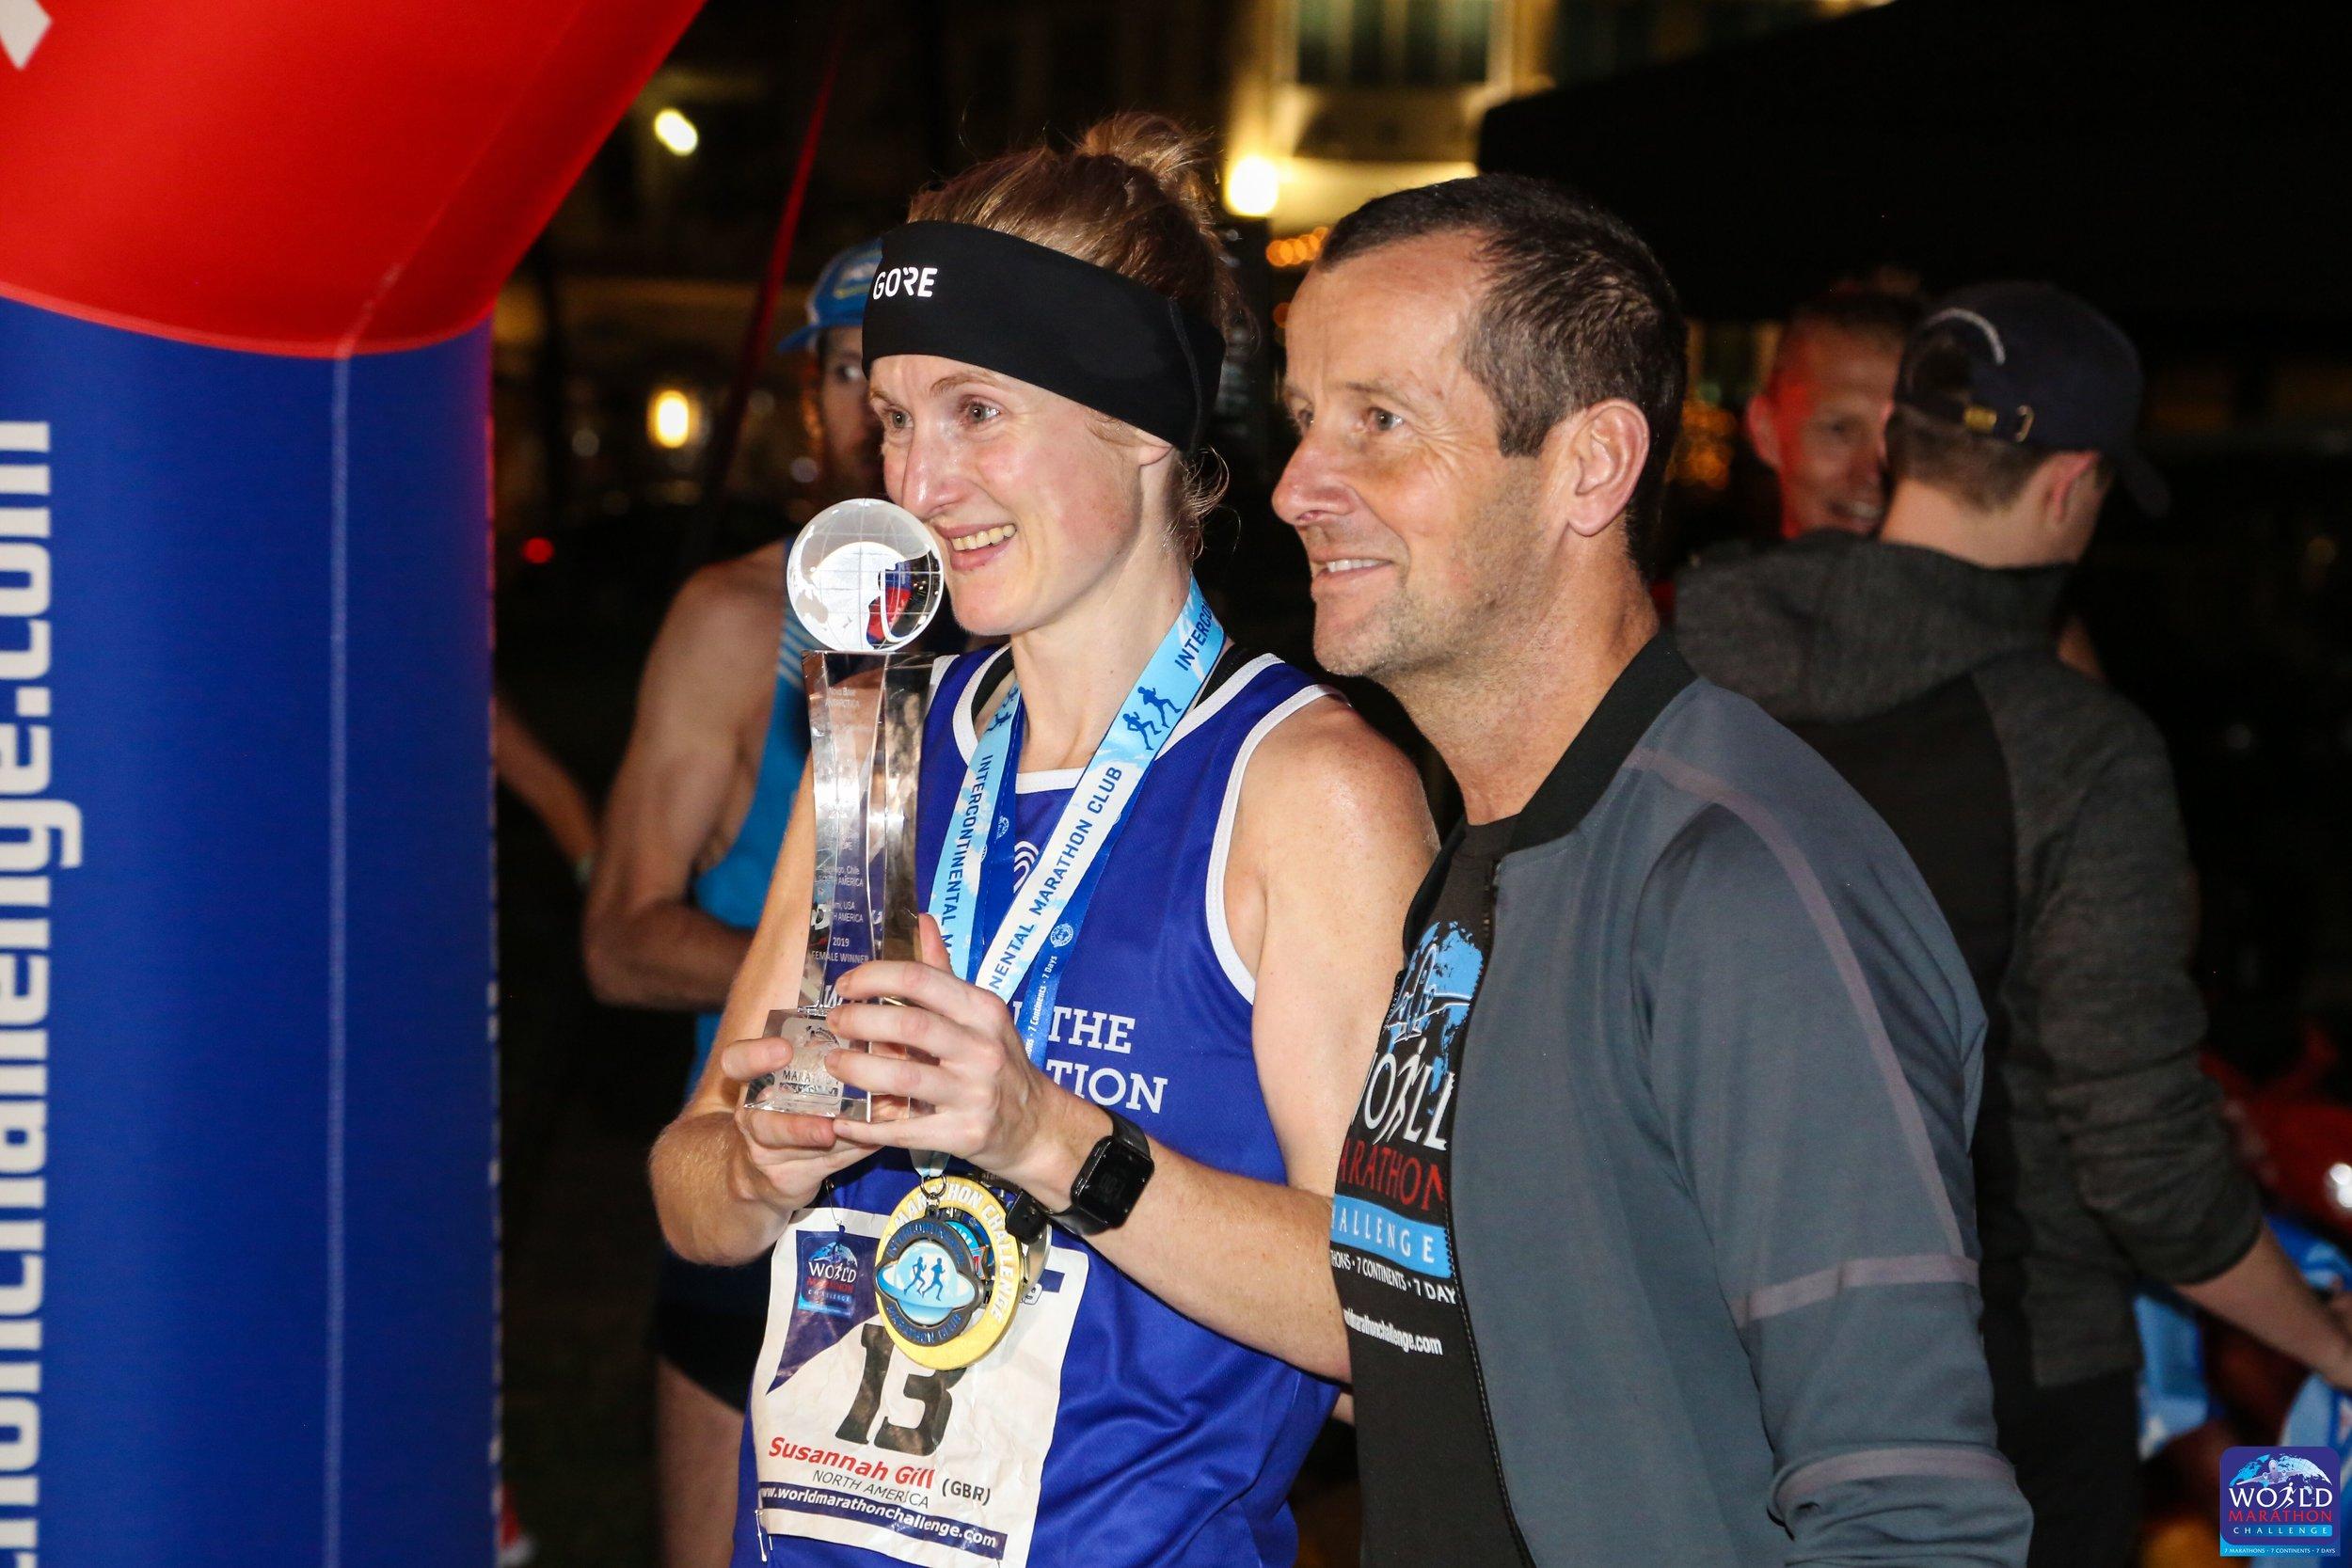 Susannah Gill and Richard Donovan at the finish in Miami 2.jpg